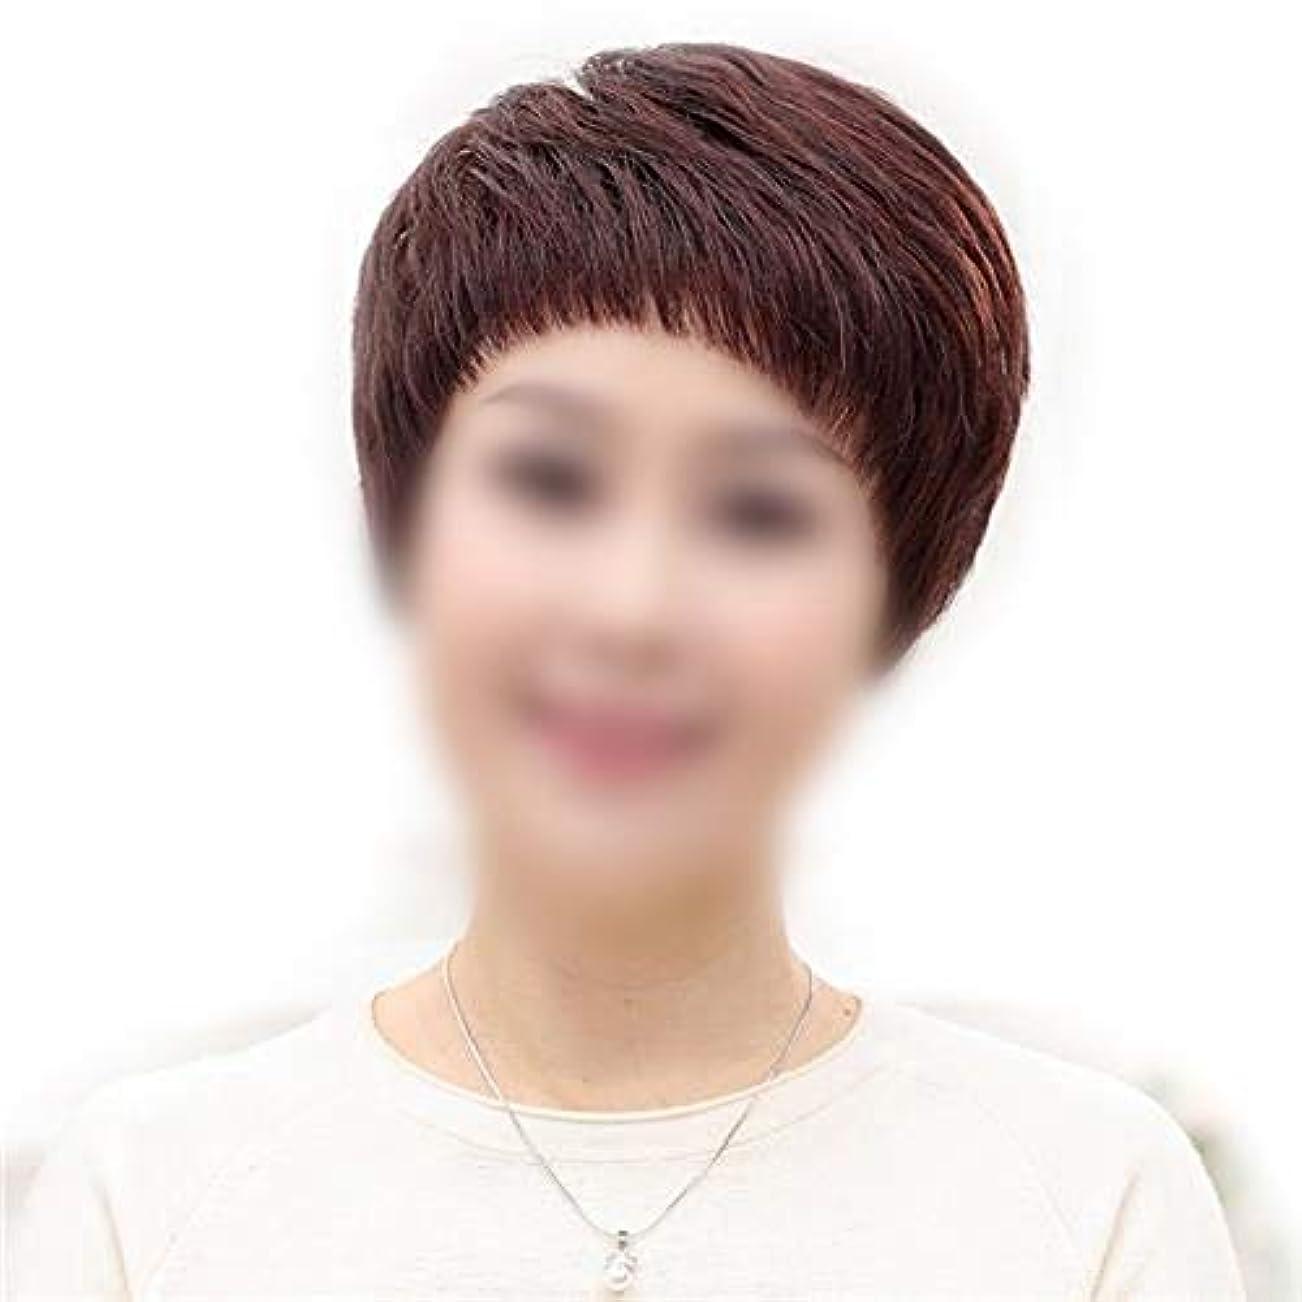 同僚電報ラックYOUQIU 女子ショートストレート髪のフルハンド織実ヘアウィッグデイリードレスウィッグ (色 : Natural black)